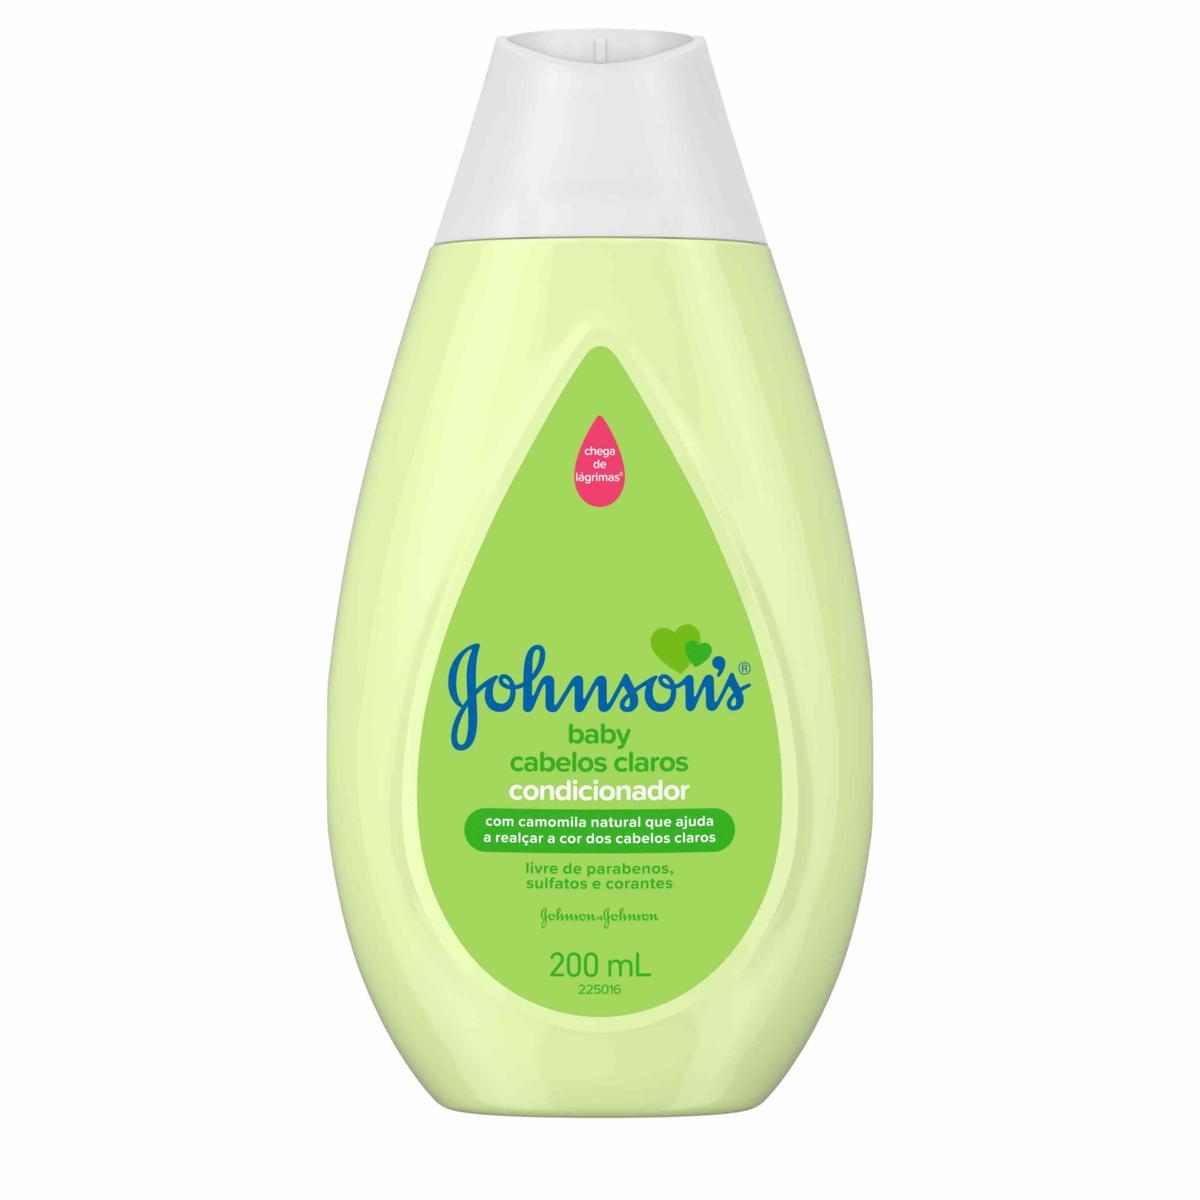 JOHNSON'S® Baby Condicionador Cabelos Claros